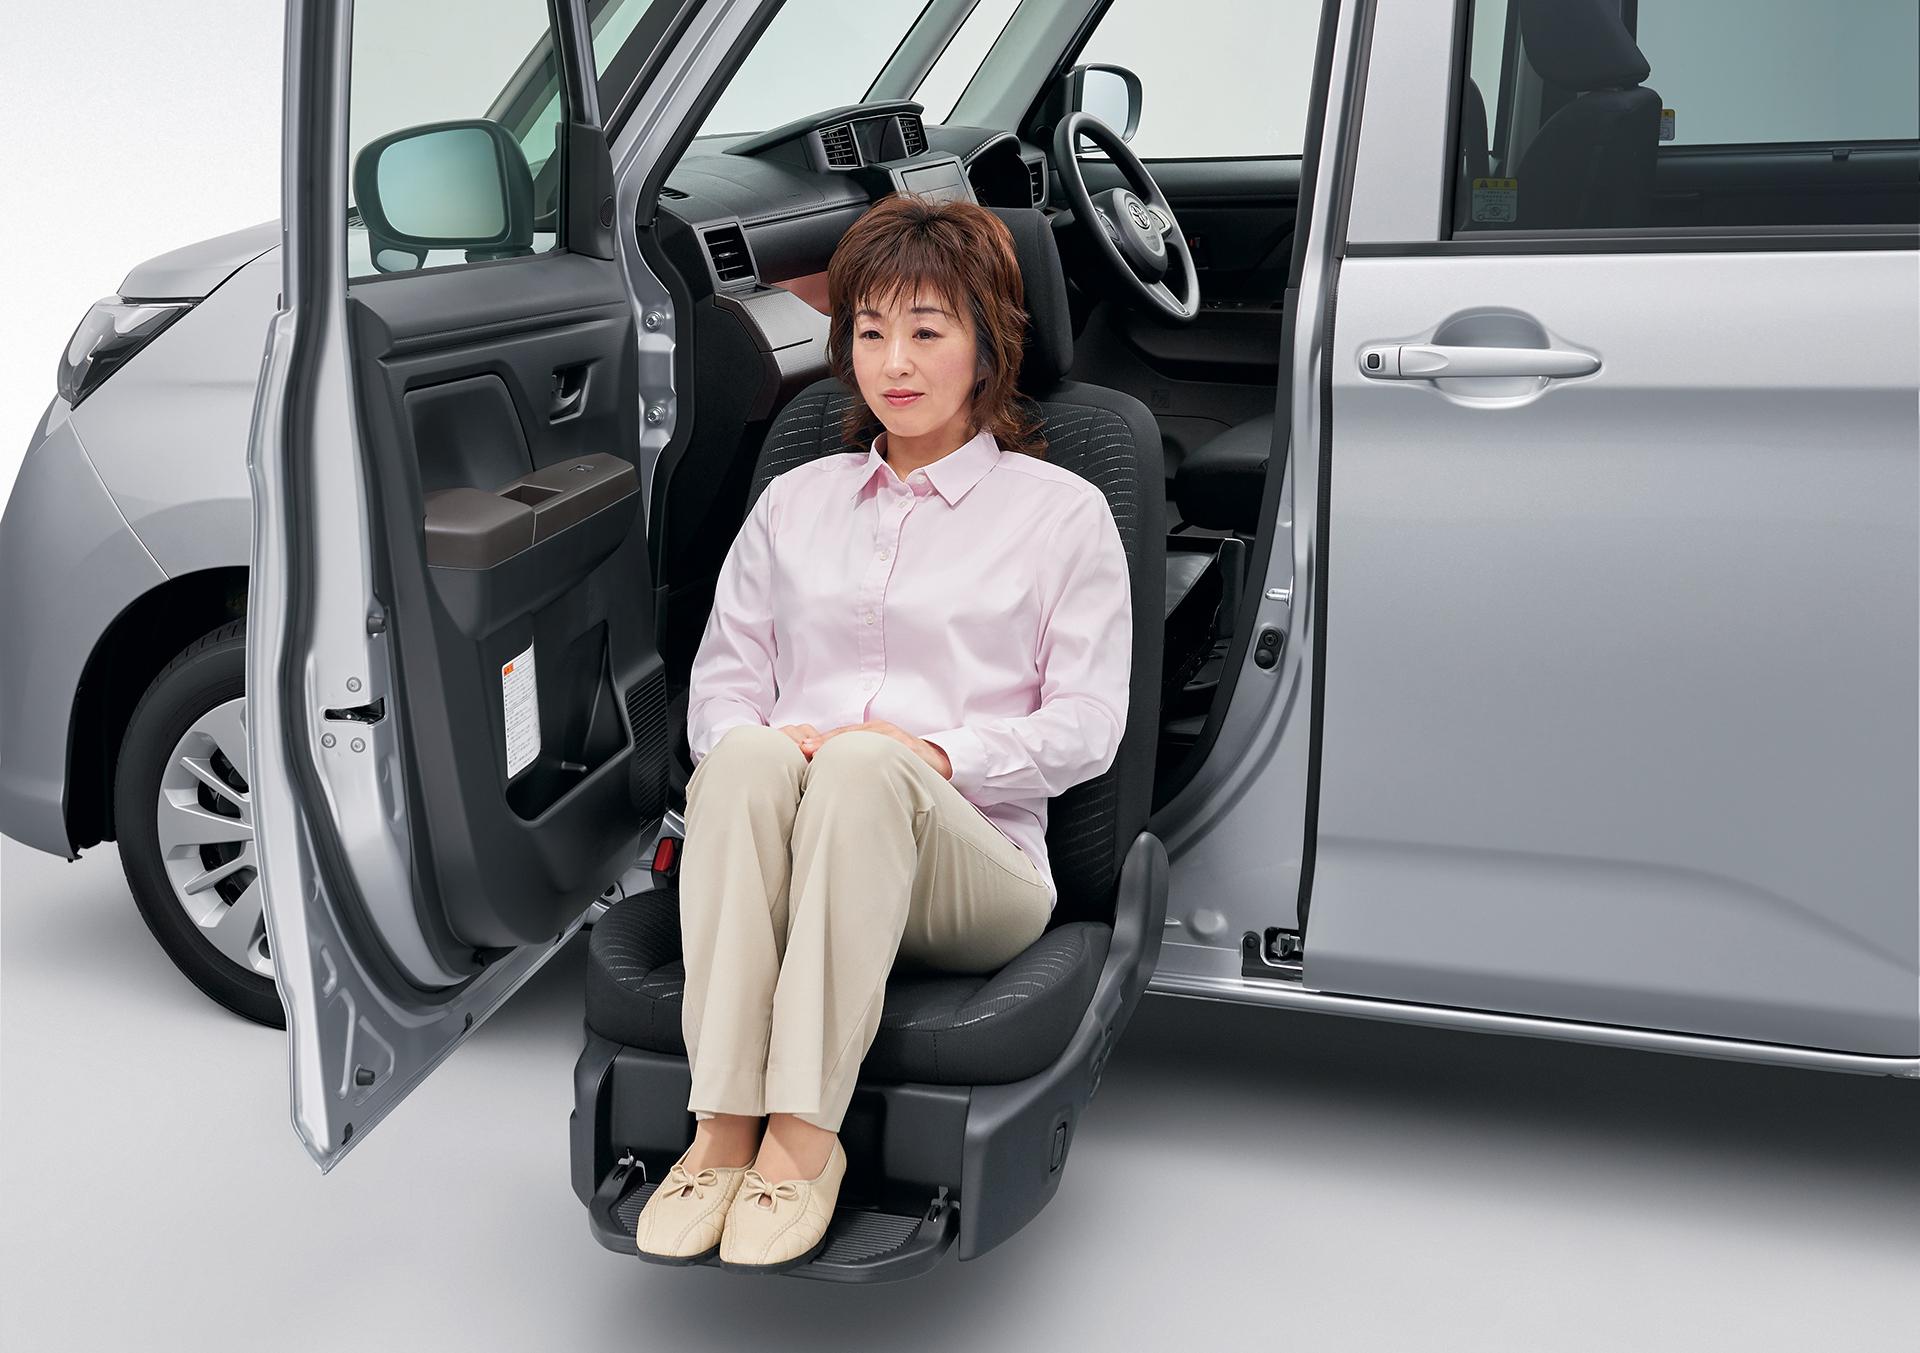 乗り降りがしんどければ迷わず選択! 高齢者の腰&膝に優しい「回転式シート」の便利さが衝撃的